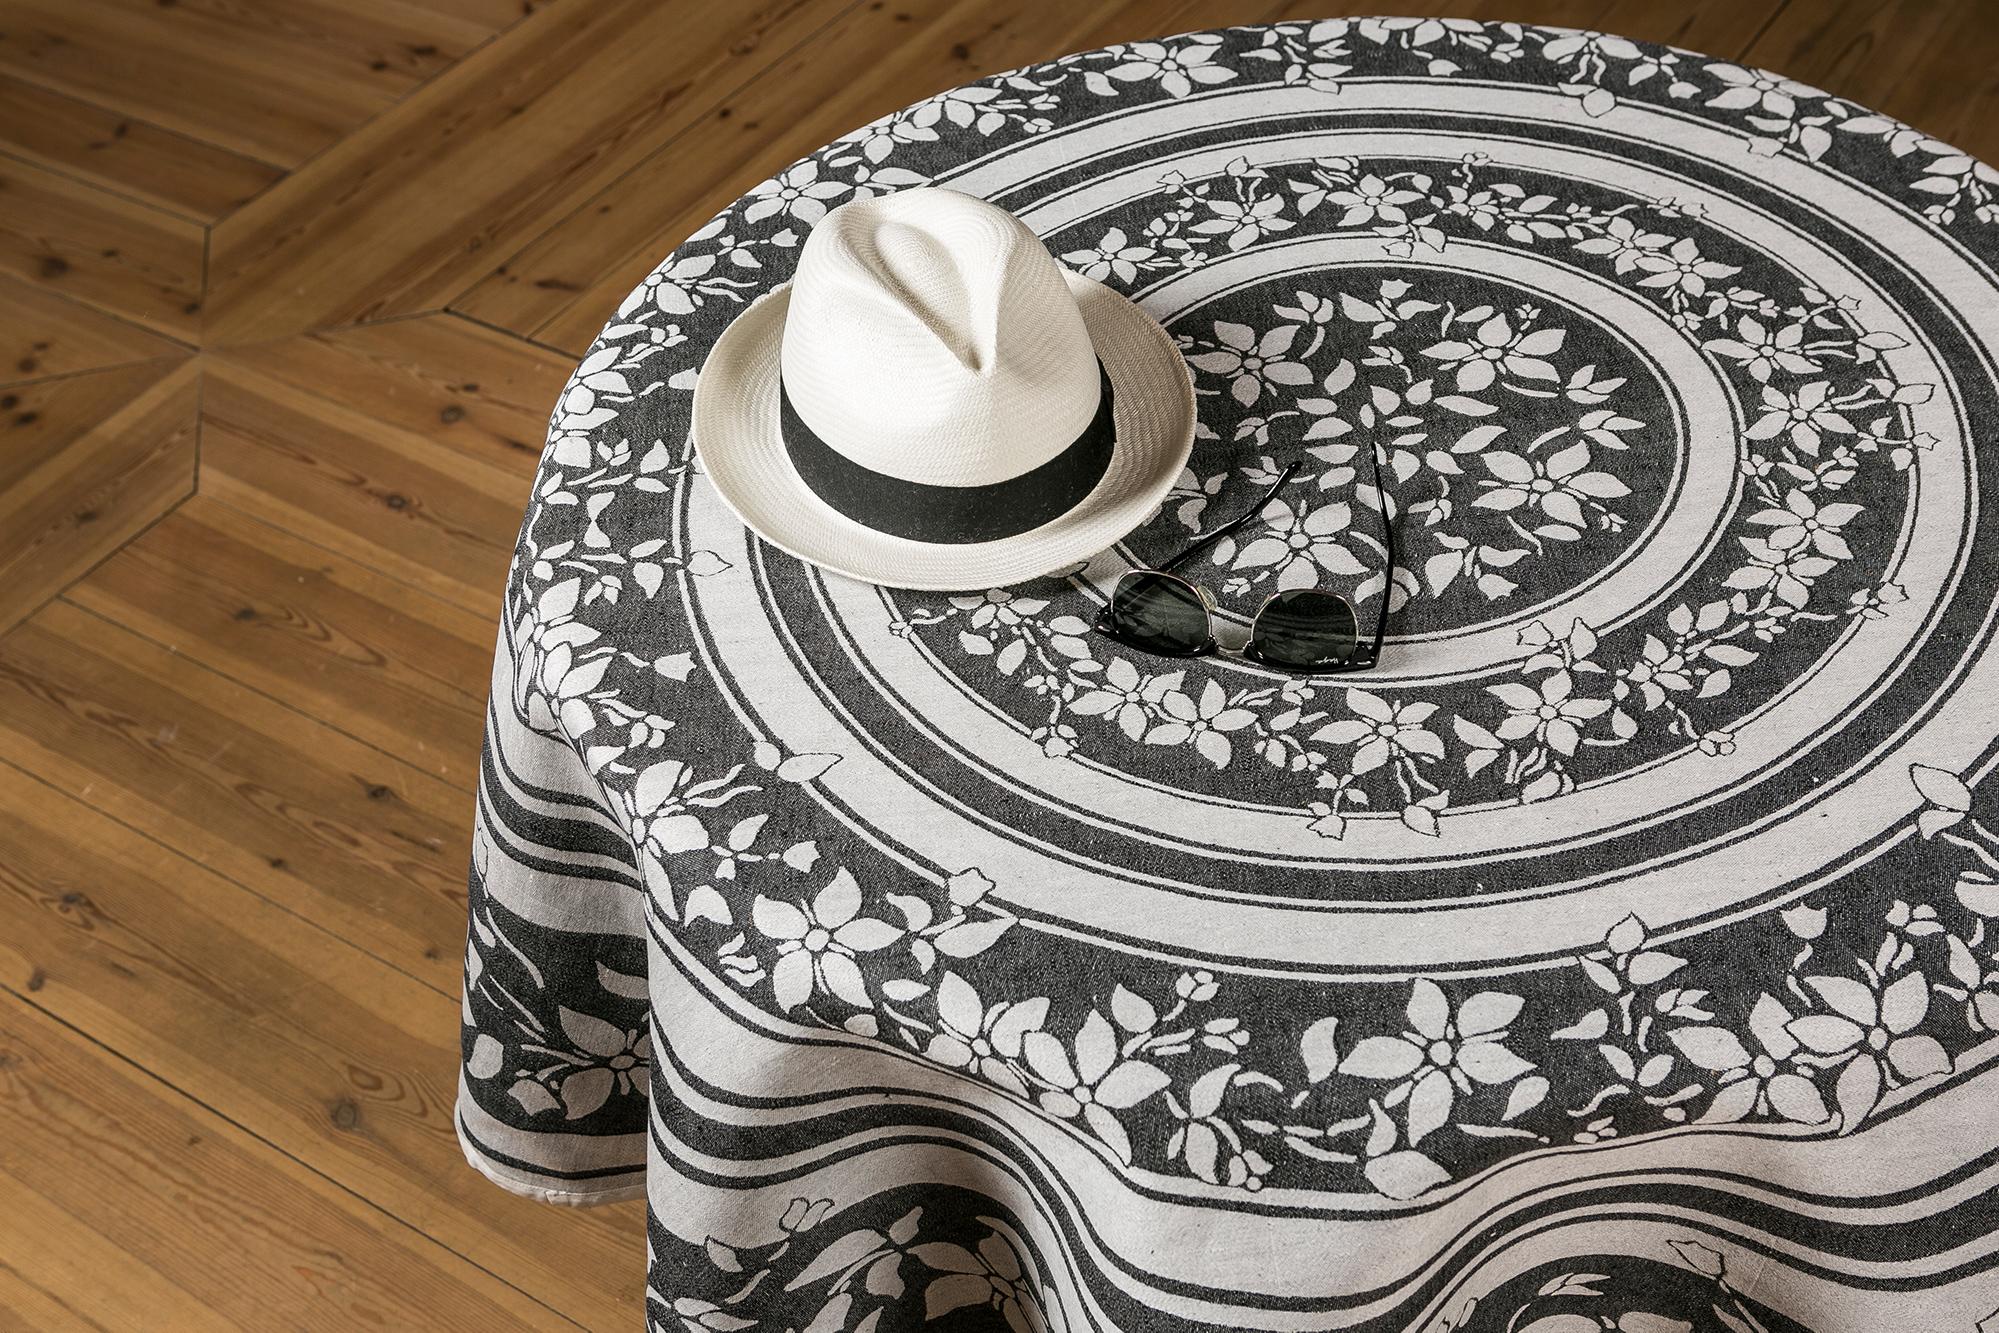 Grez-sur-loing duk med hatt och glasögon linneduk Klässbols Linneväveri formgivare Torkel Dahlstedt svart